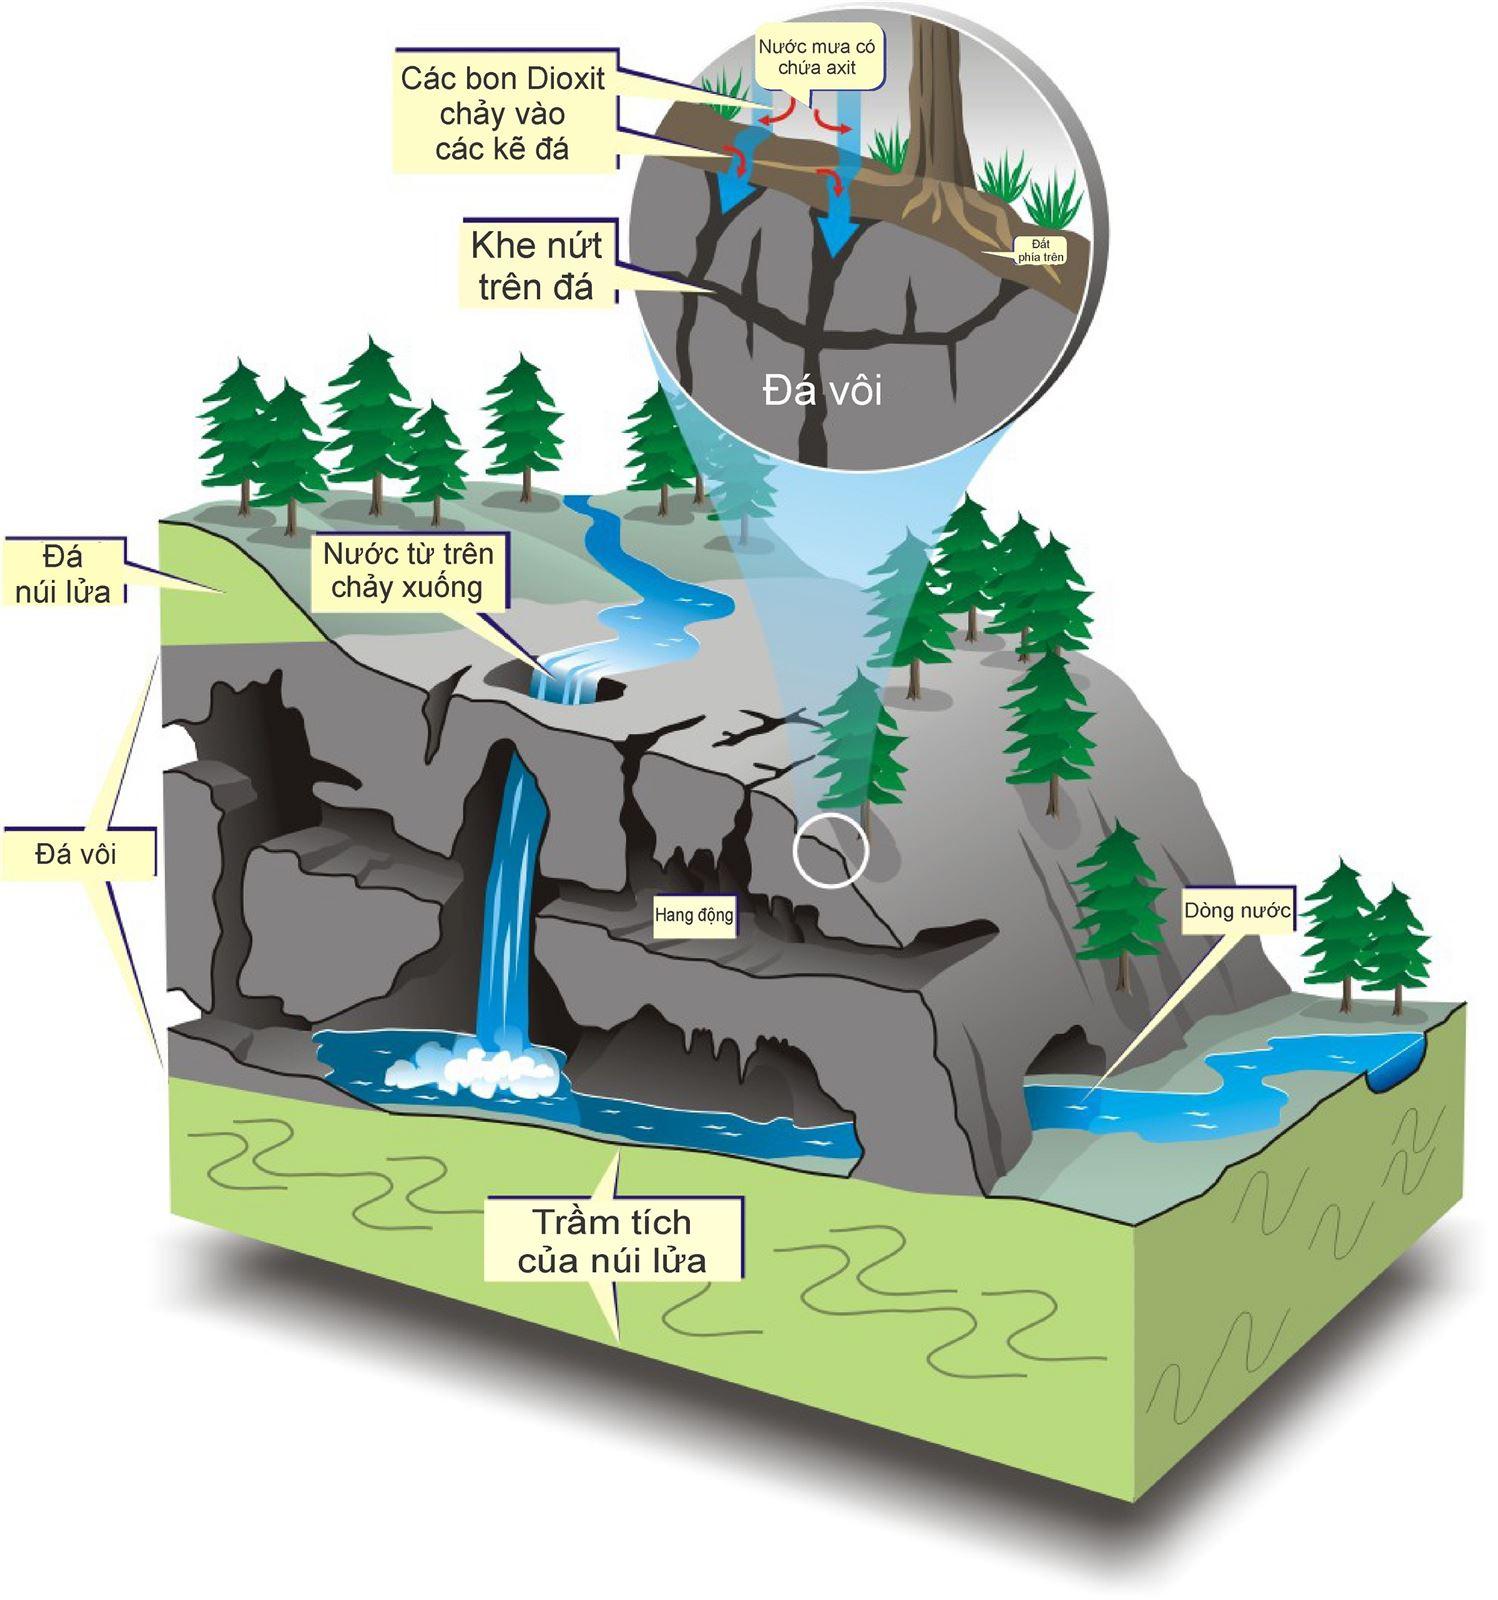 Lịch sử hình thành các đảo và hang động tại quần đảo Cát Bà